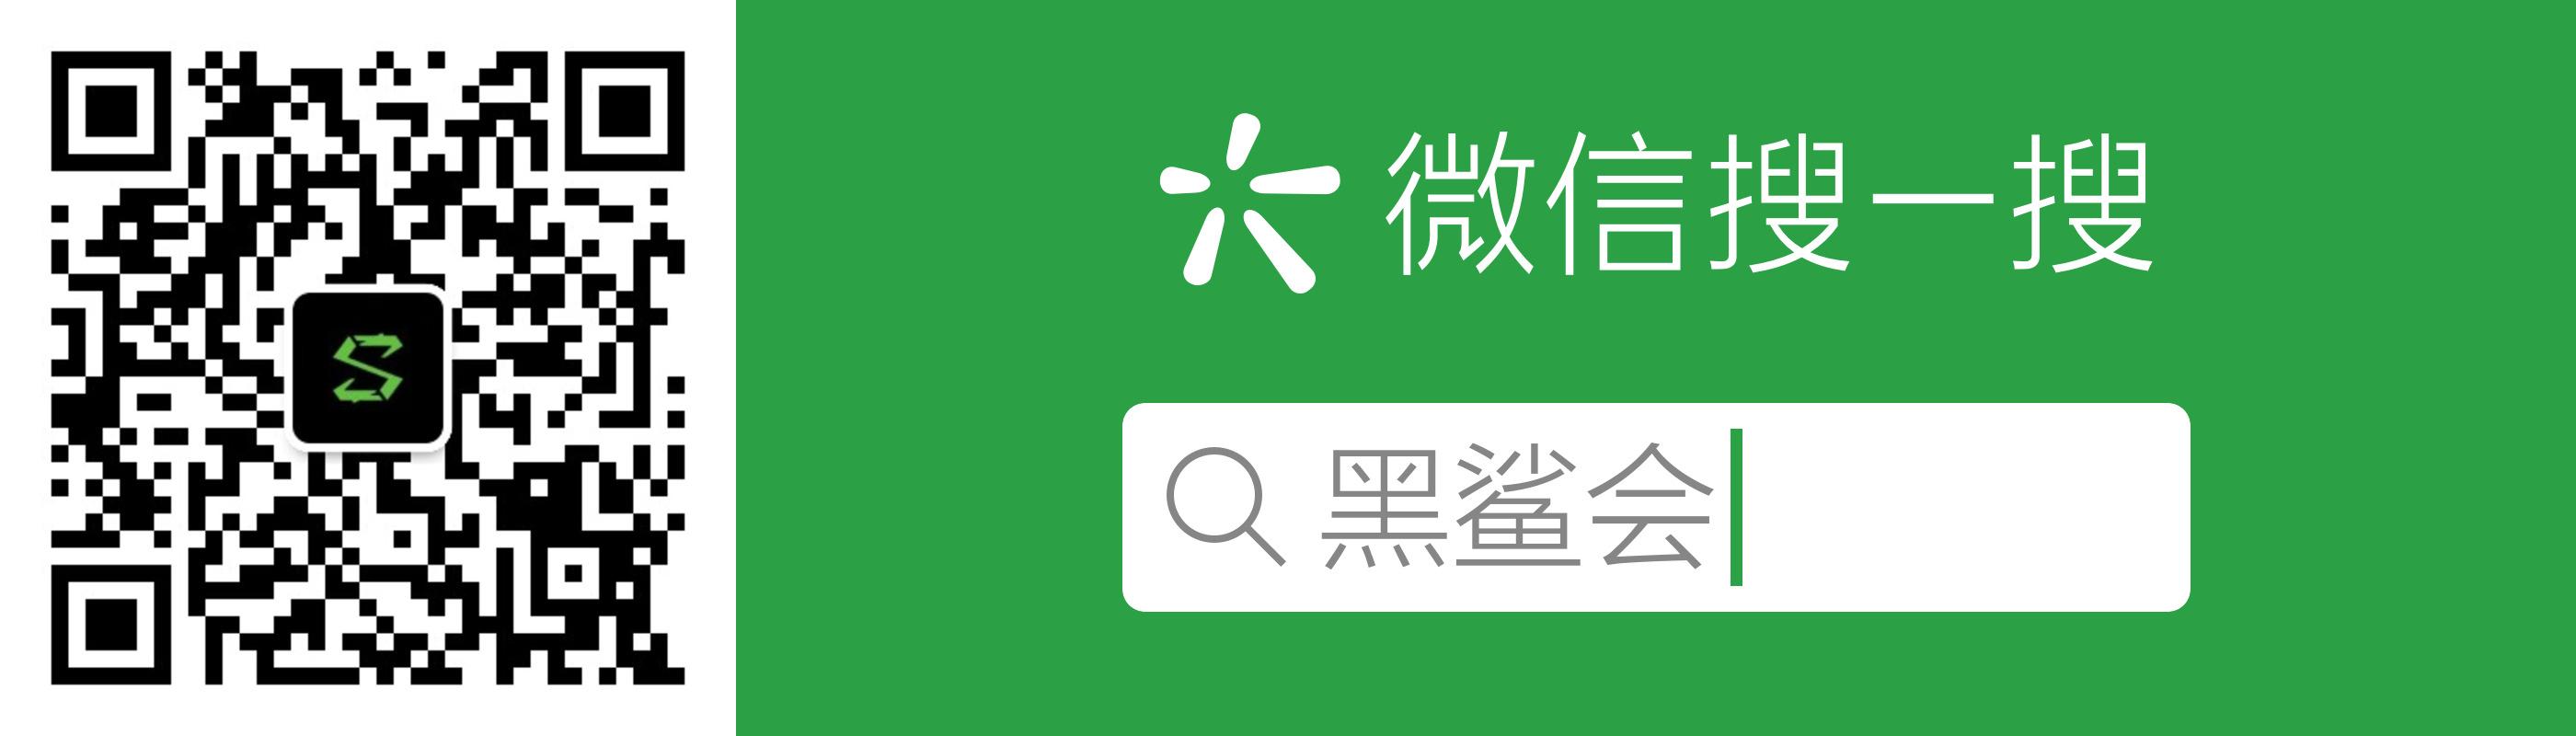 扫码_搜索联合传播样式-微信标准绿版(1).png